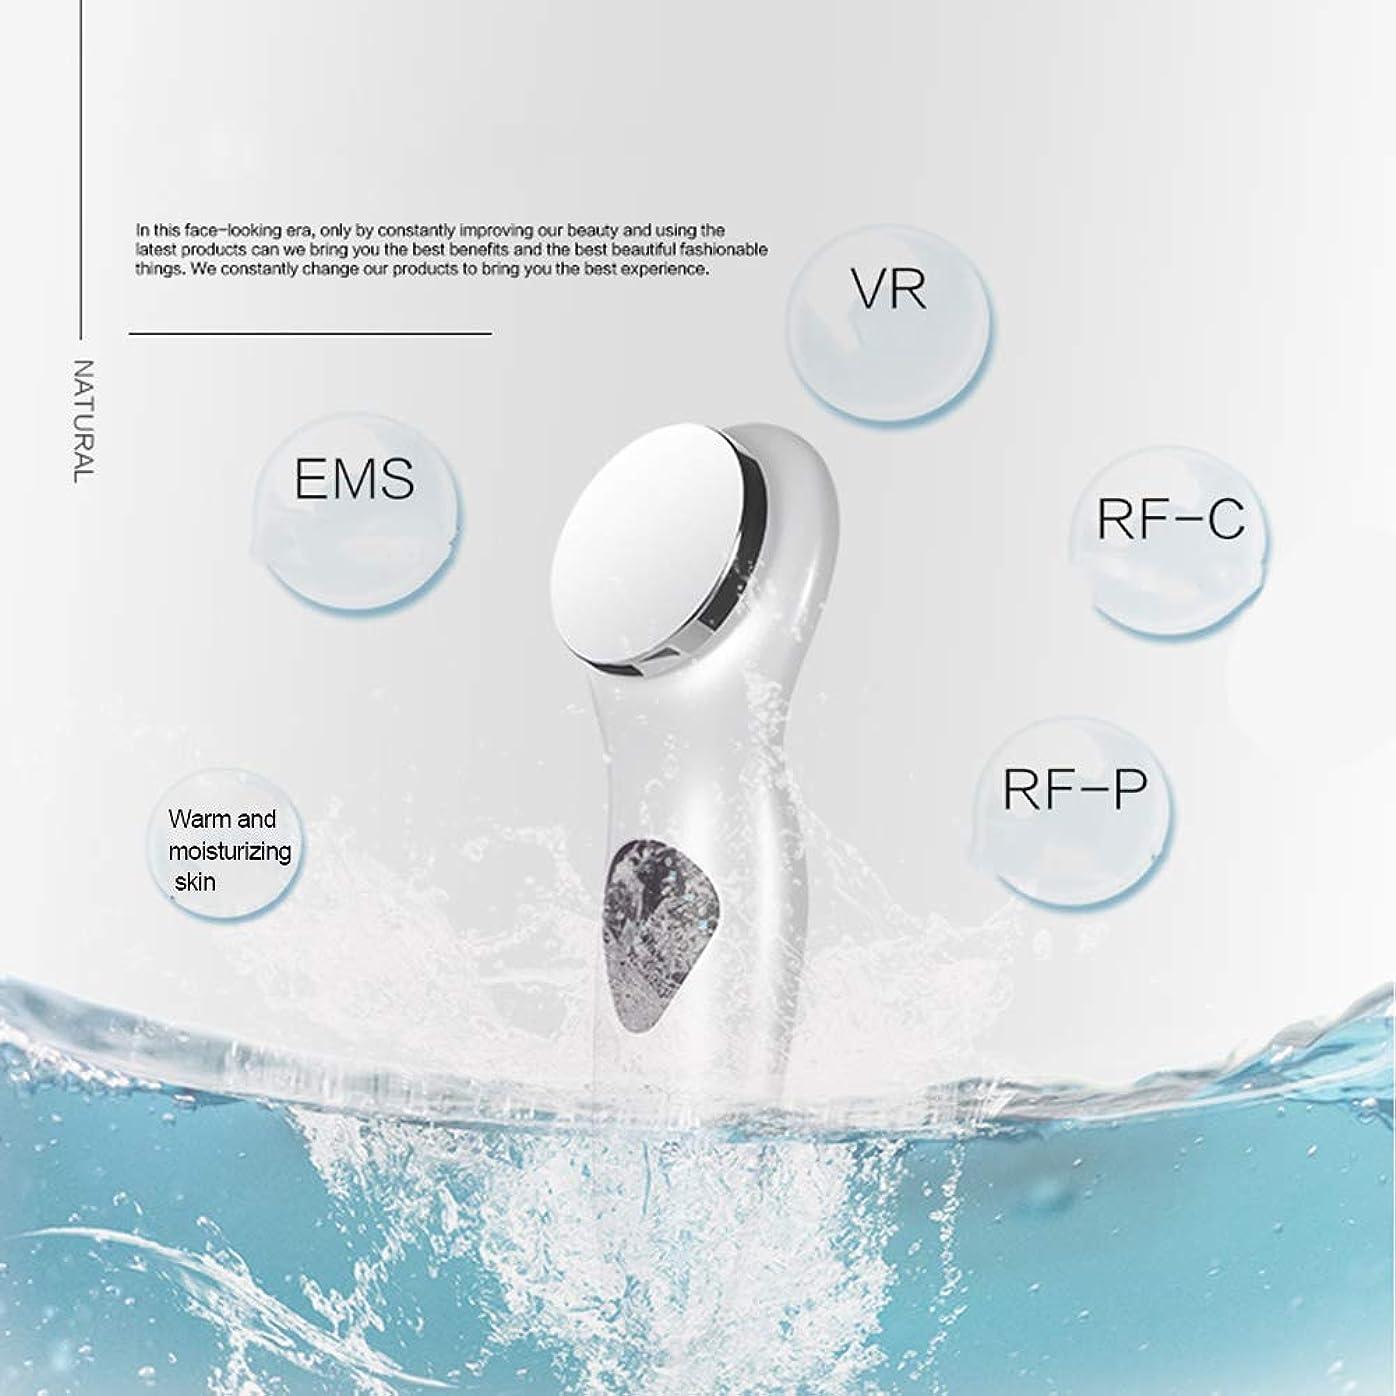 部分的に予算キラウエア山EMSの顔の調子を整える装置、超音波美の器械、携帯用表面美機械、家の美装置の振動器械、顔のマッサージャー